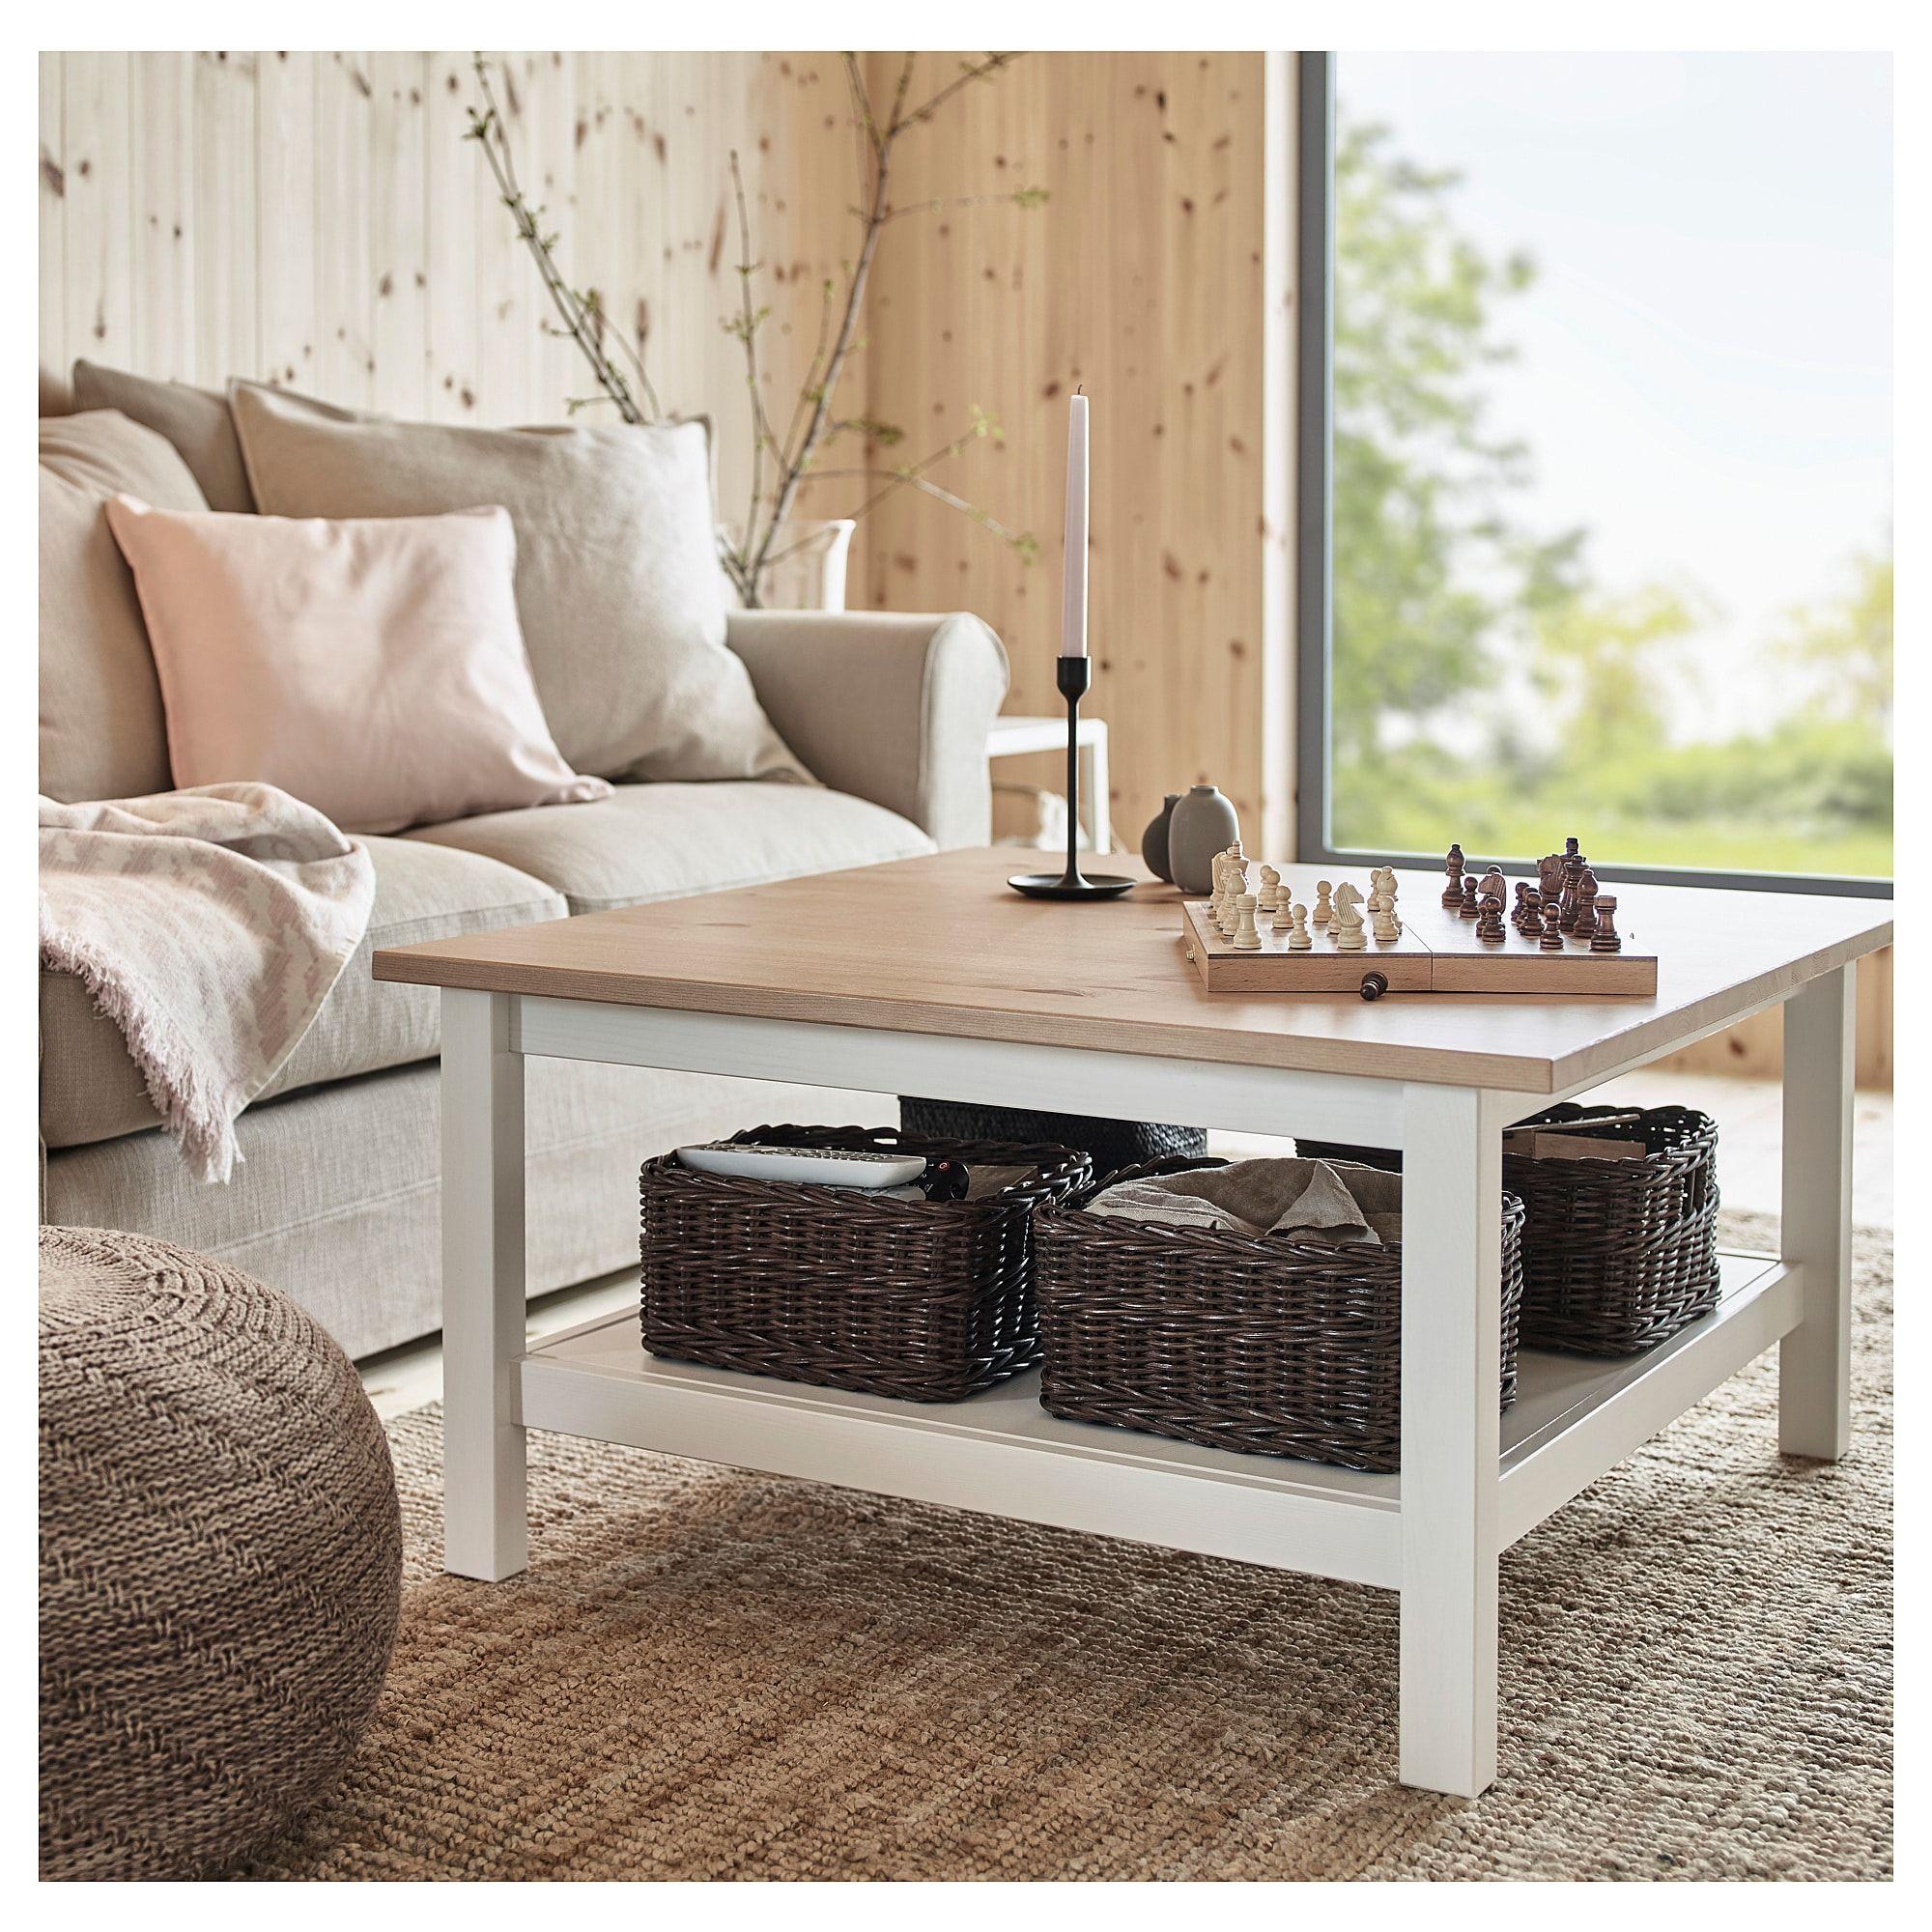 Gabbig Basket Dark Brown Width 9 Ikea In 2021 Ikea Living Room Living Room Ikea [ 2000 x 2000 Pixel ]